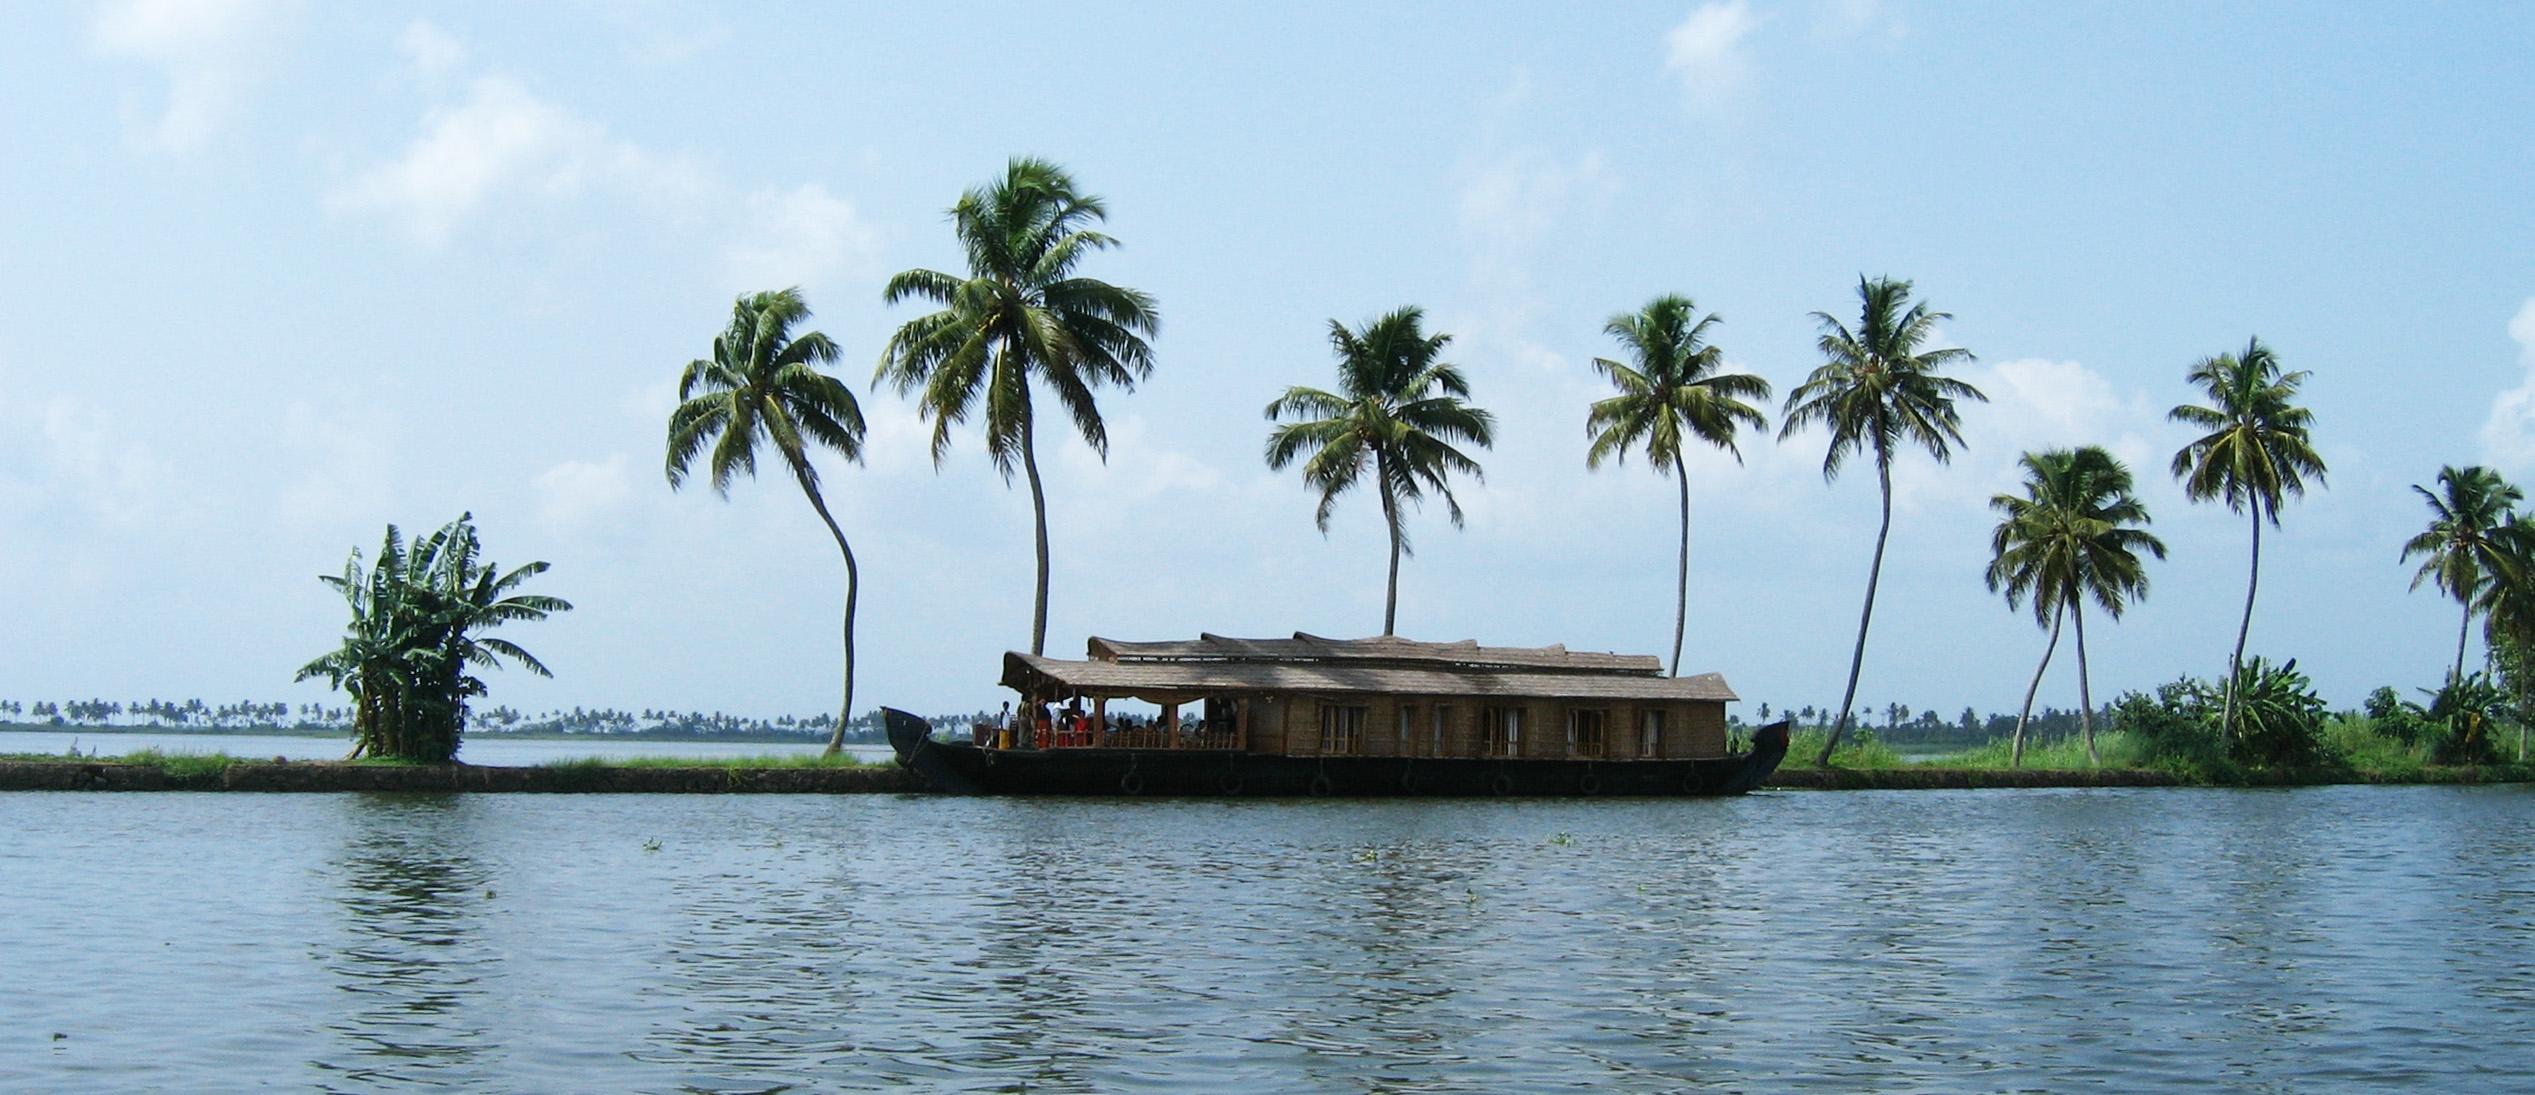 Barcos los remansos costeros